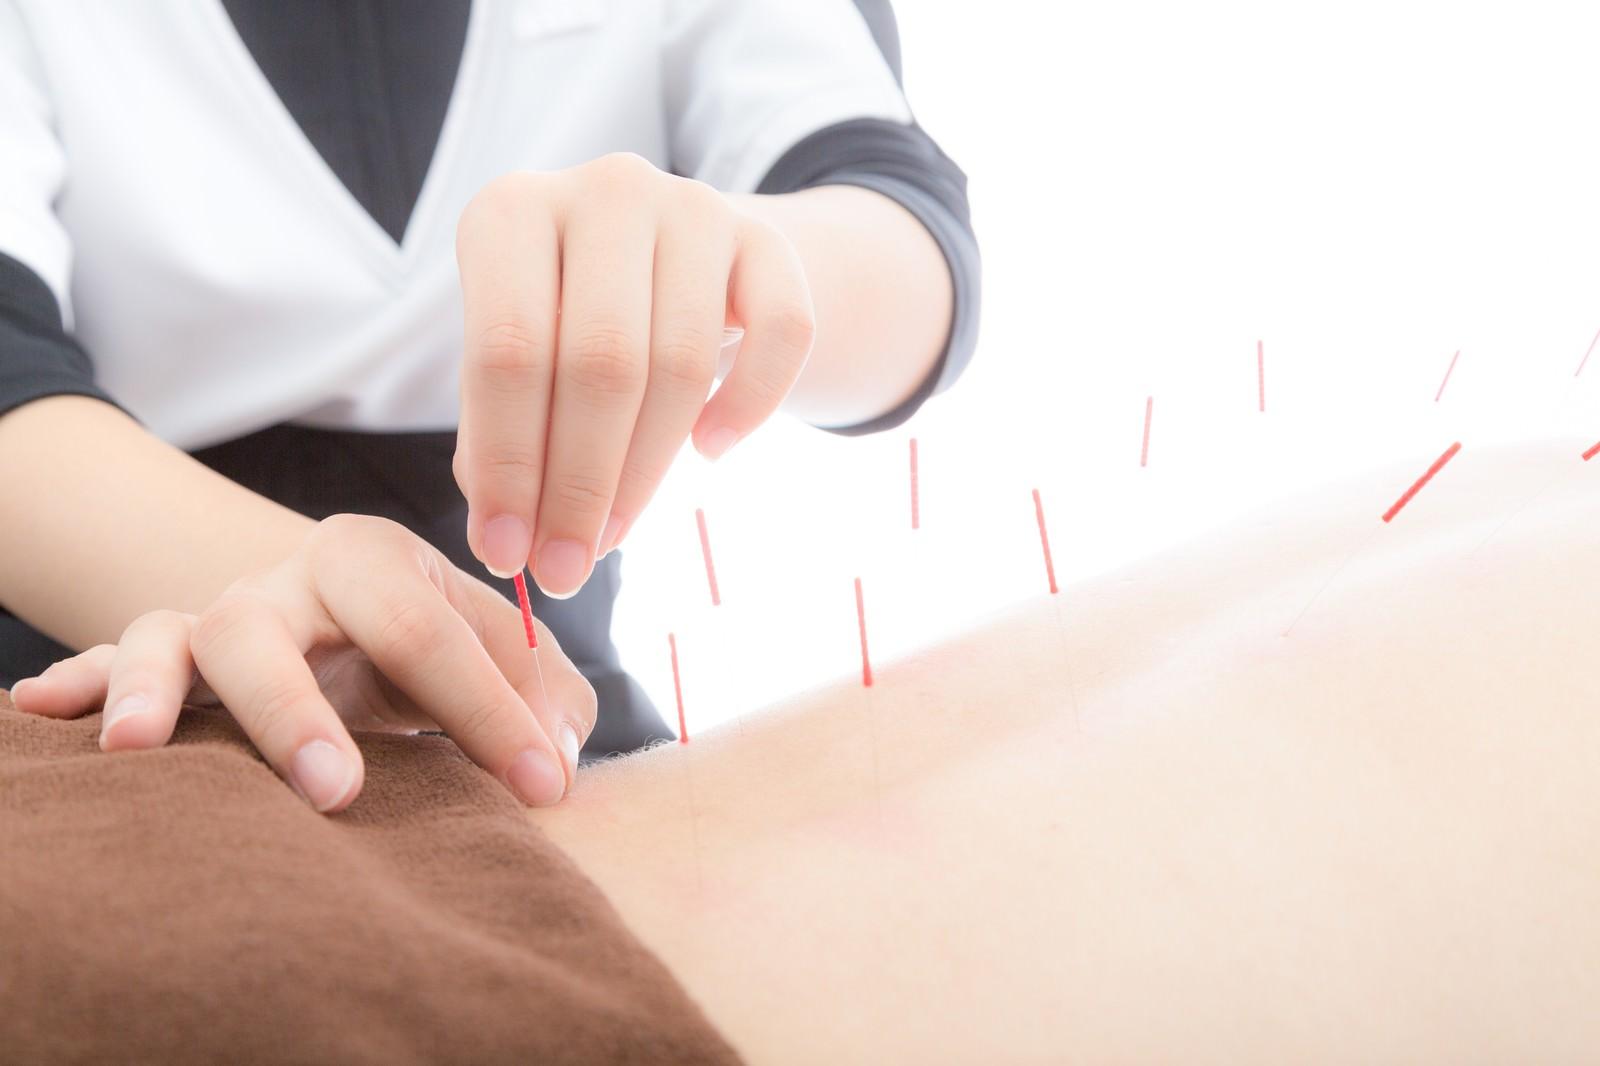 「鍼灸 イラスト フリー」の画像検索結果